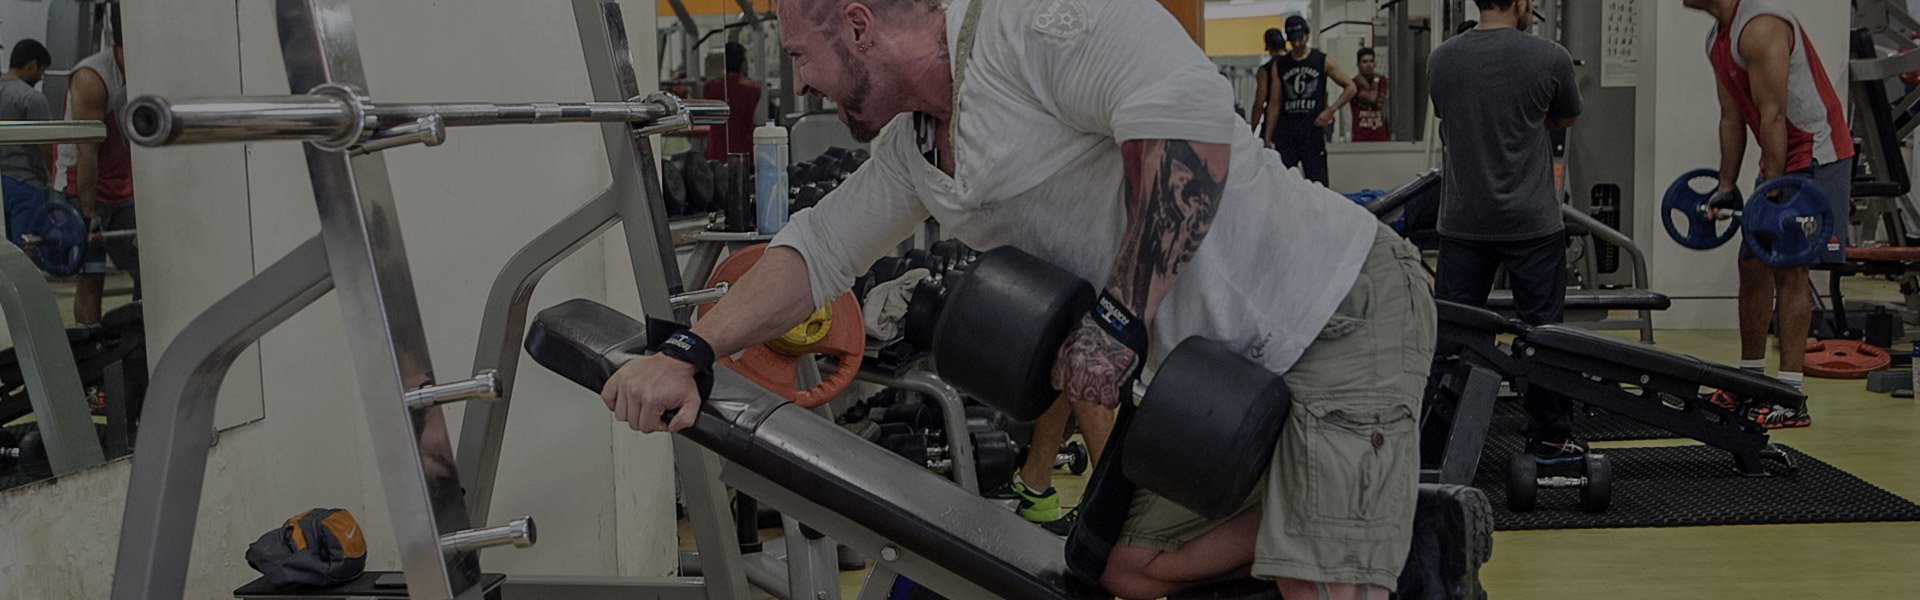 Kris Gethin  Week Muscle Building Day